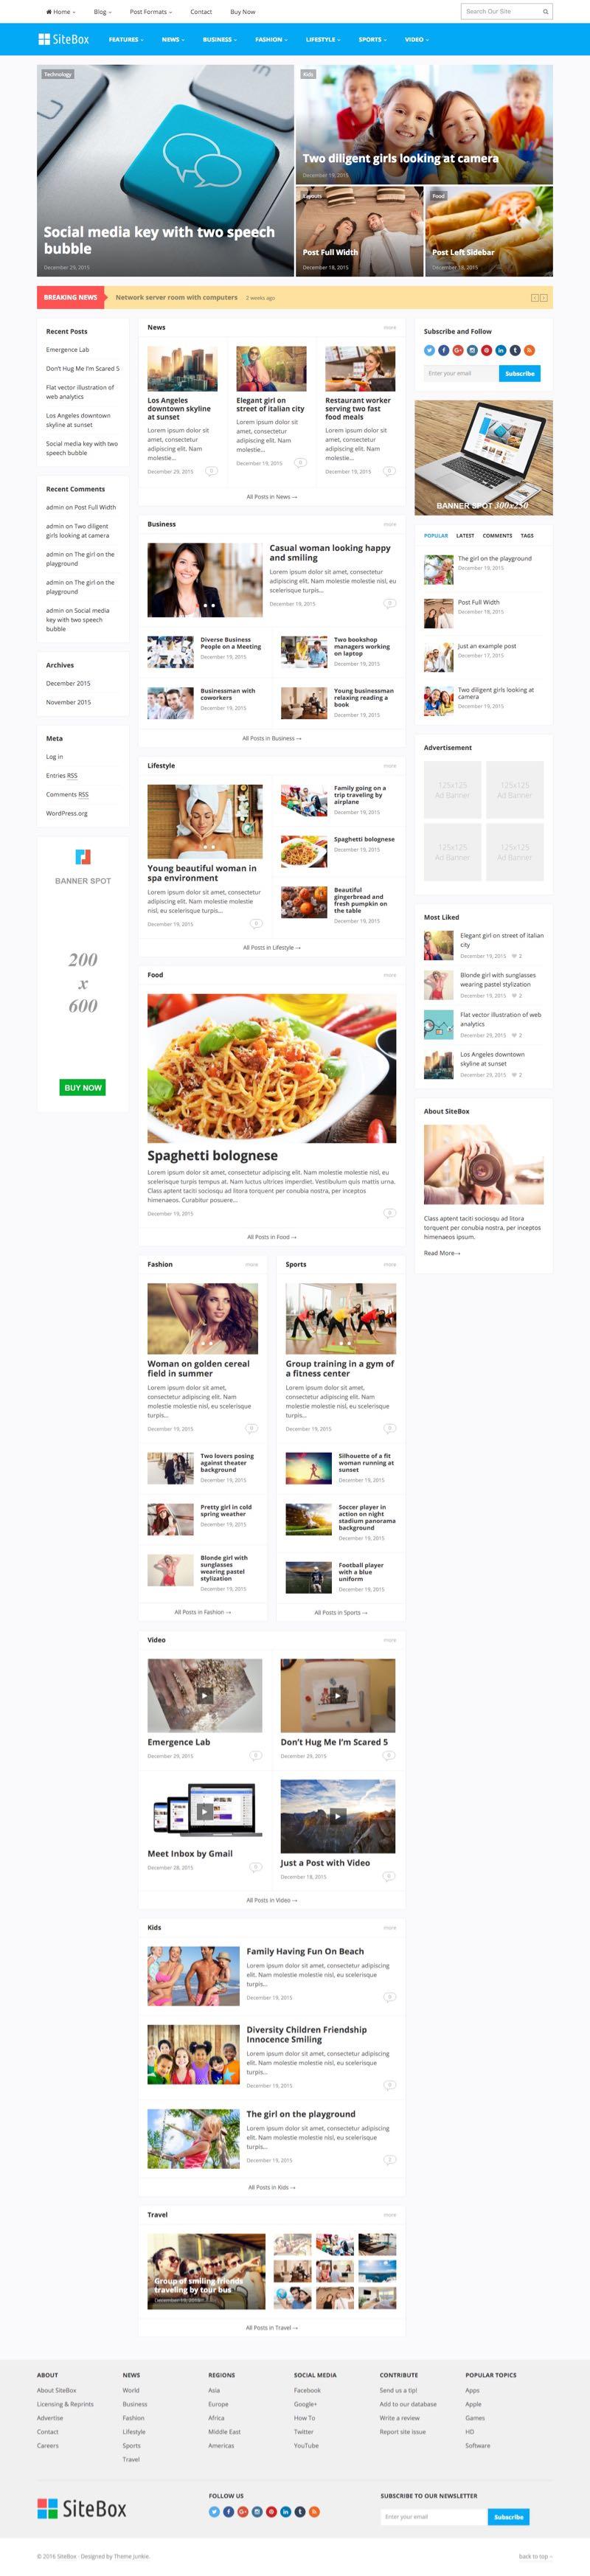 SiteBox WordPress SEO Friendly Magazine Theme